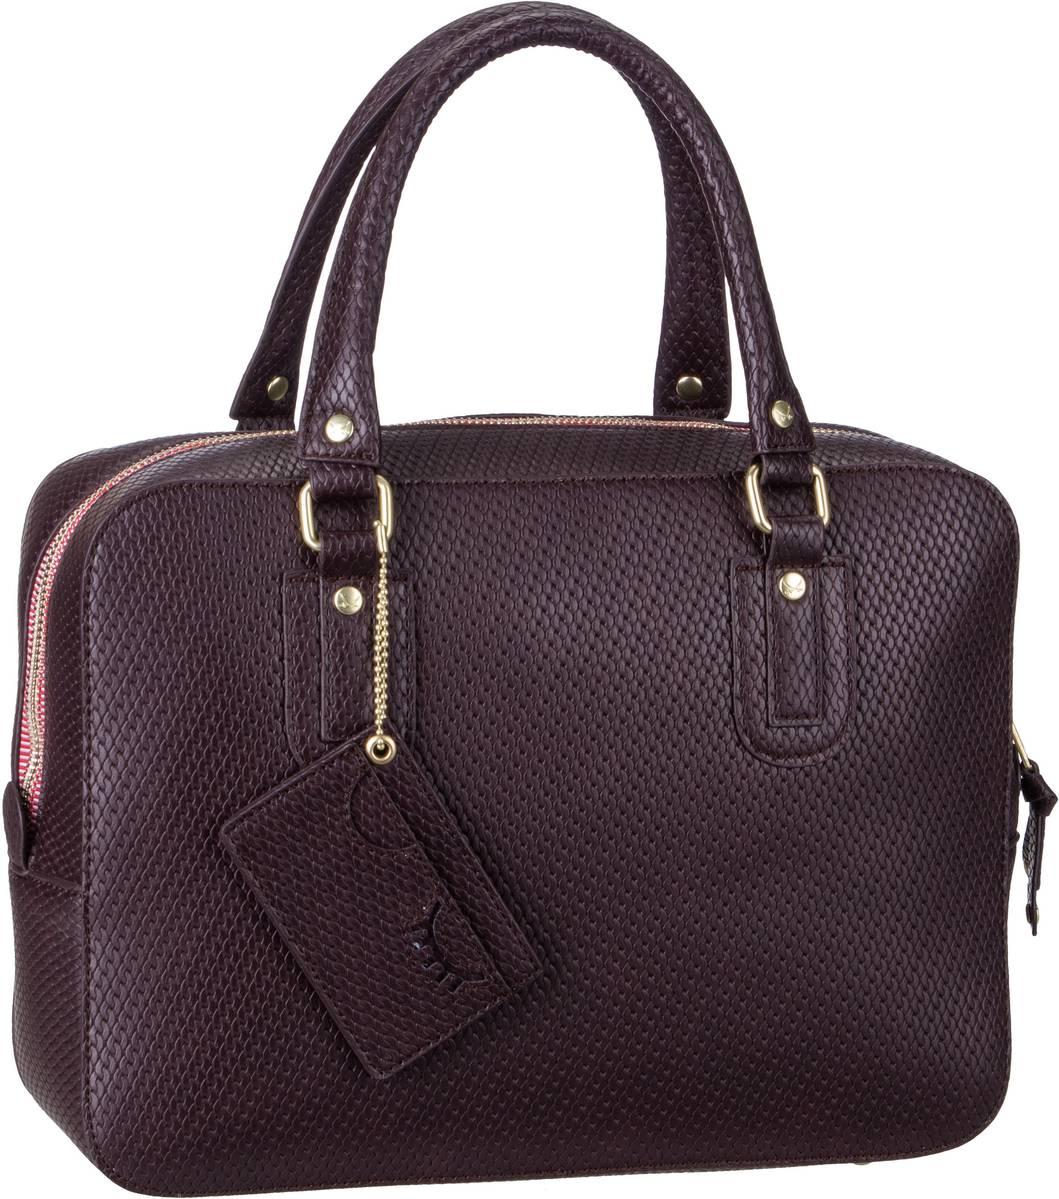 Handtasche Bowling Bag 1258 Blackberry